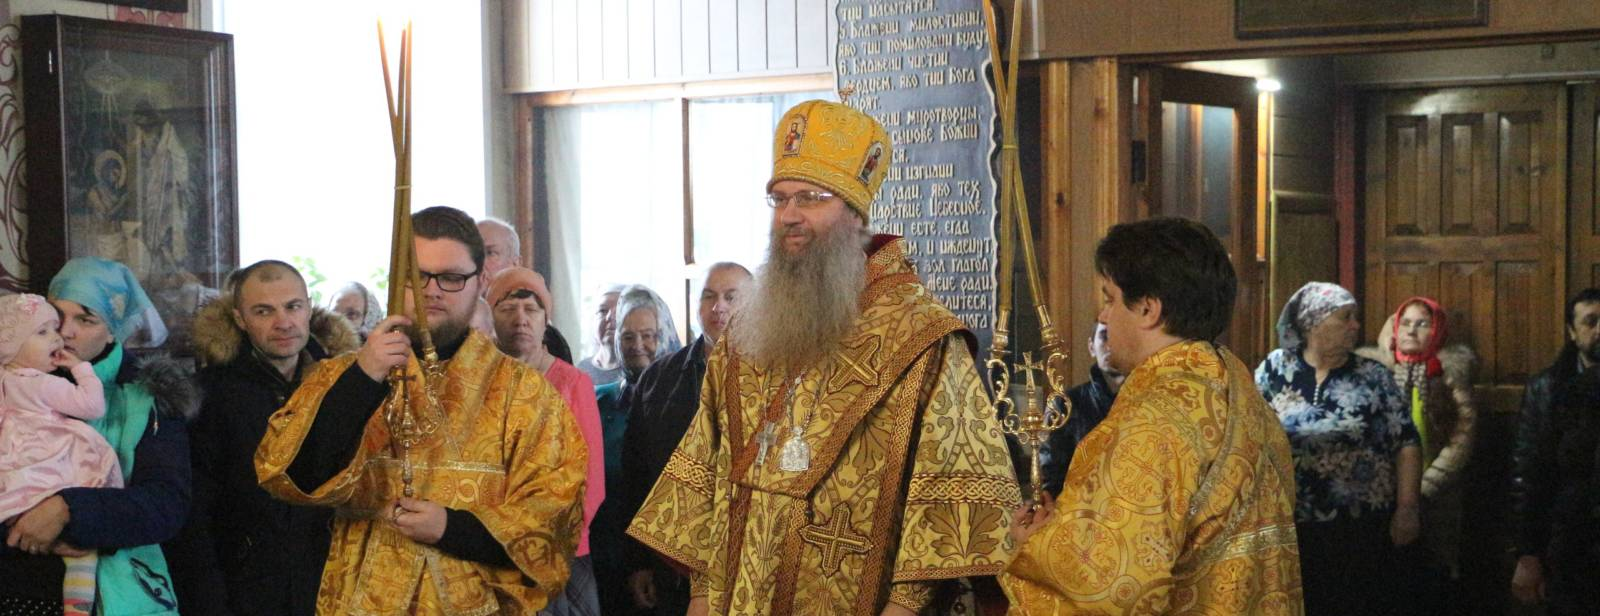 Божественная Литургия в храме Митрофана епископа Воронежского села Себрово.